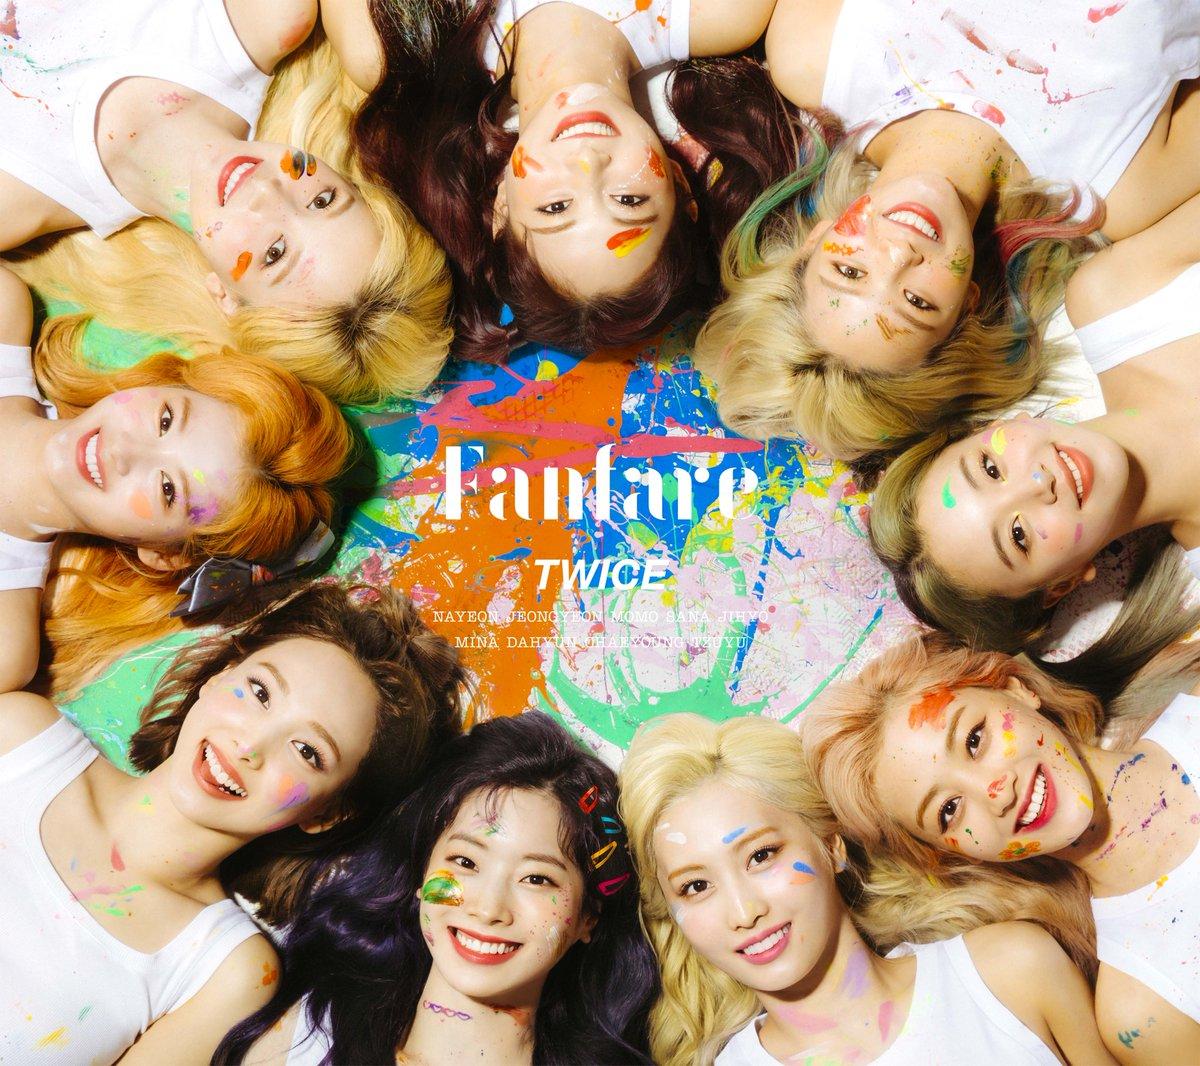 TWICE JAPAN 6th SINGLE 『Fanfare』 2020.07.08 Release twicejapan.com/feature/Fanfare #TWICE #Fanfare